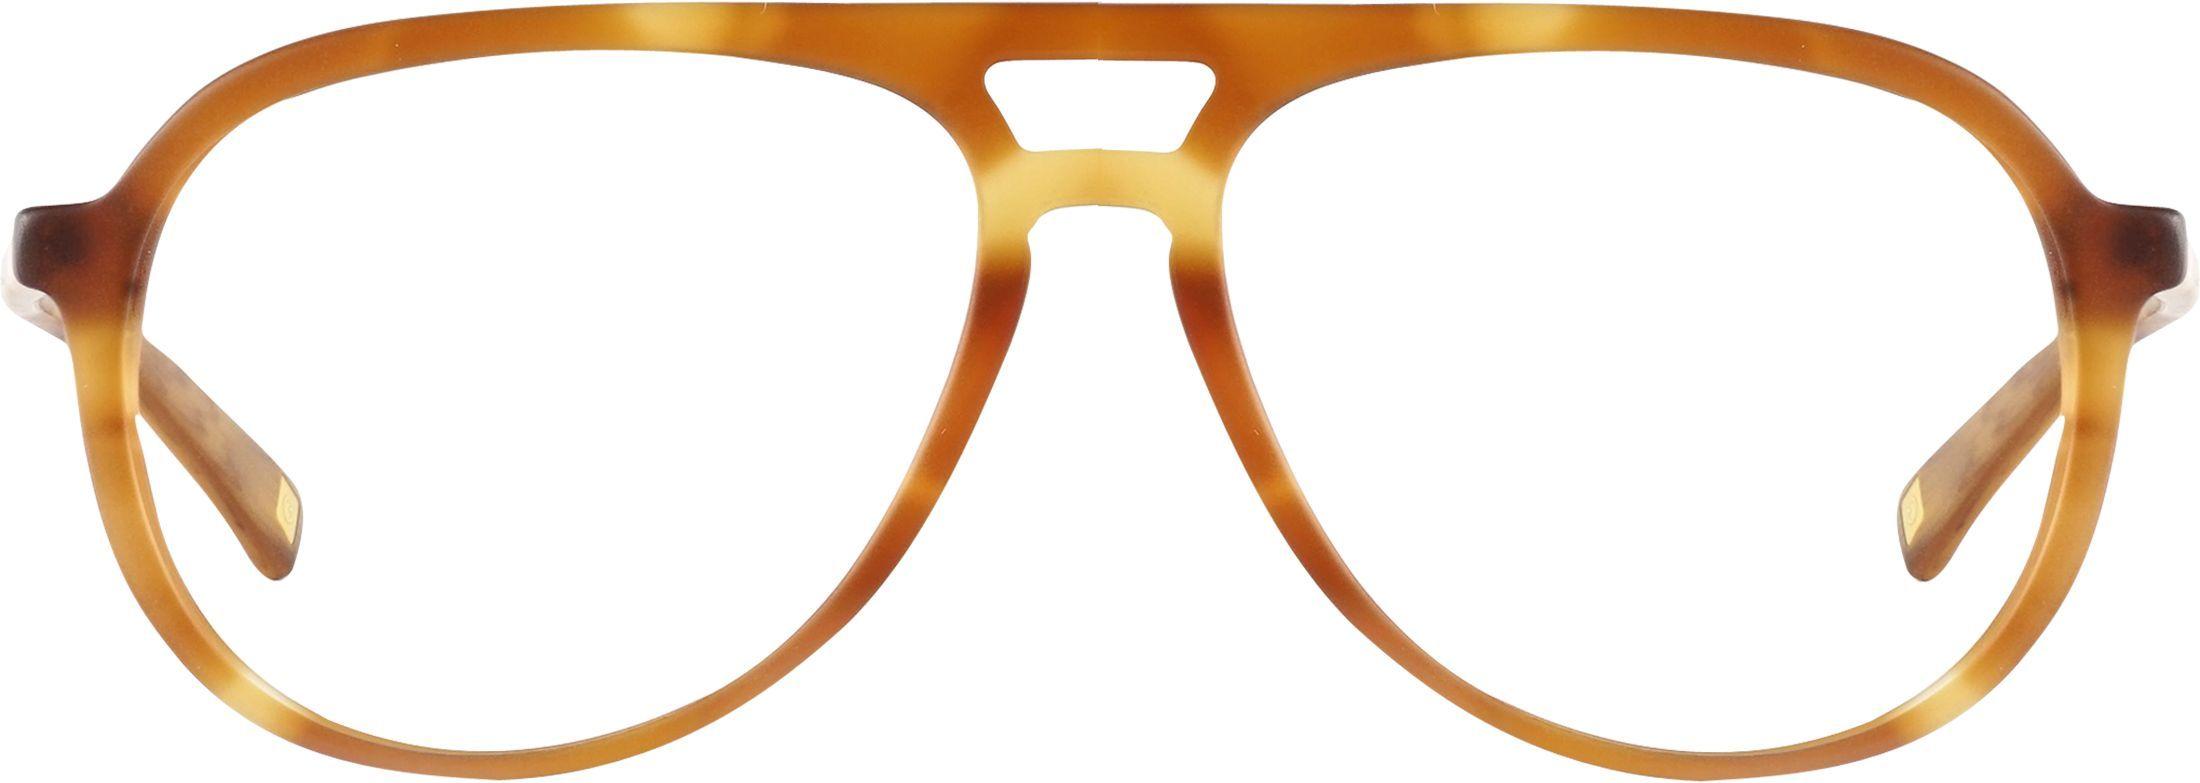 0be94ee00e25 Köp glasögon online till väldigt låga priser!